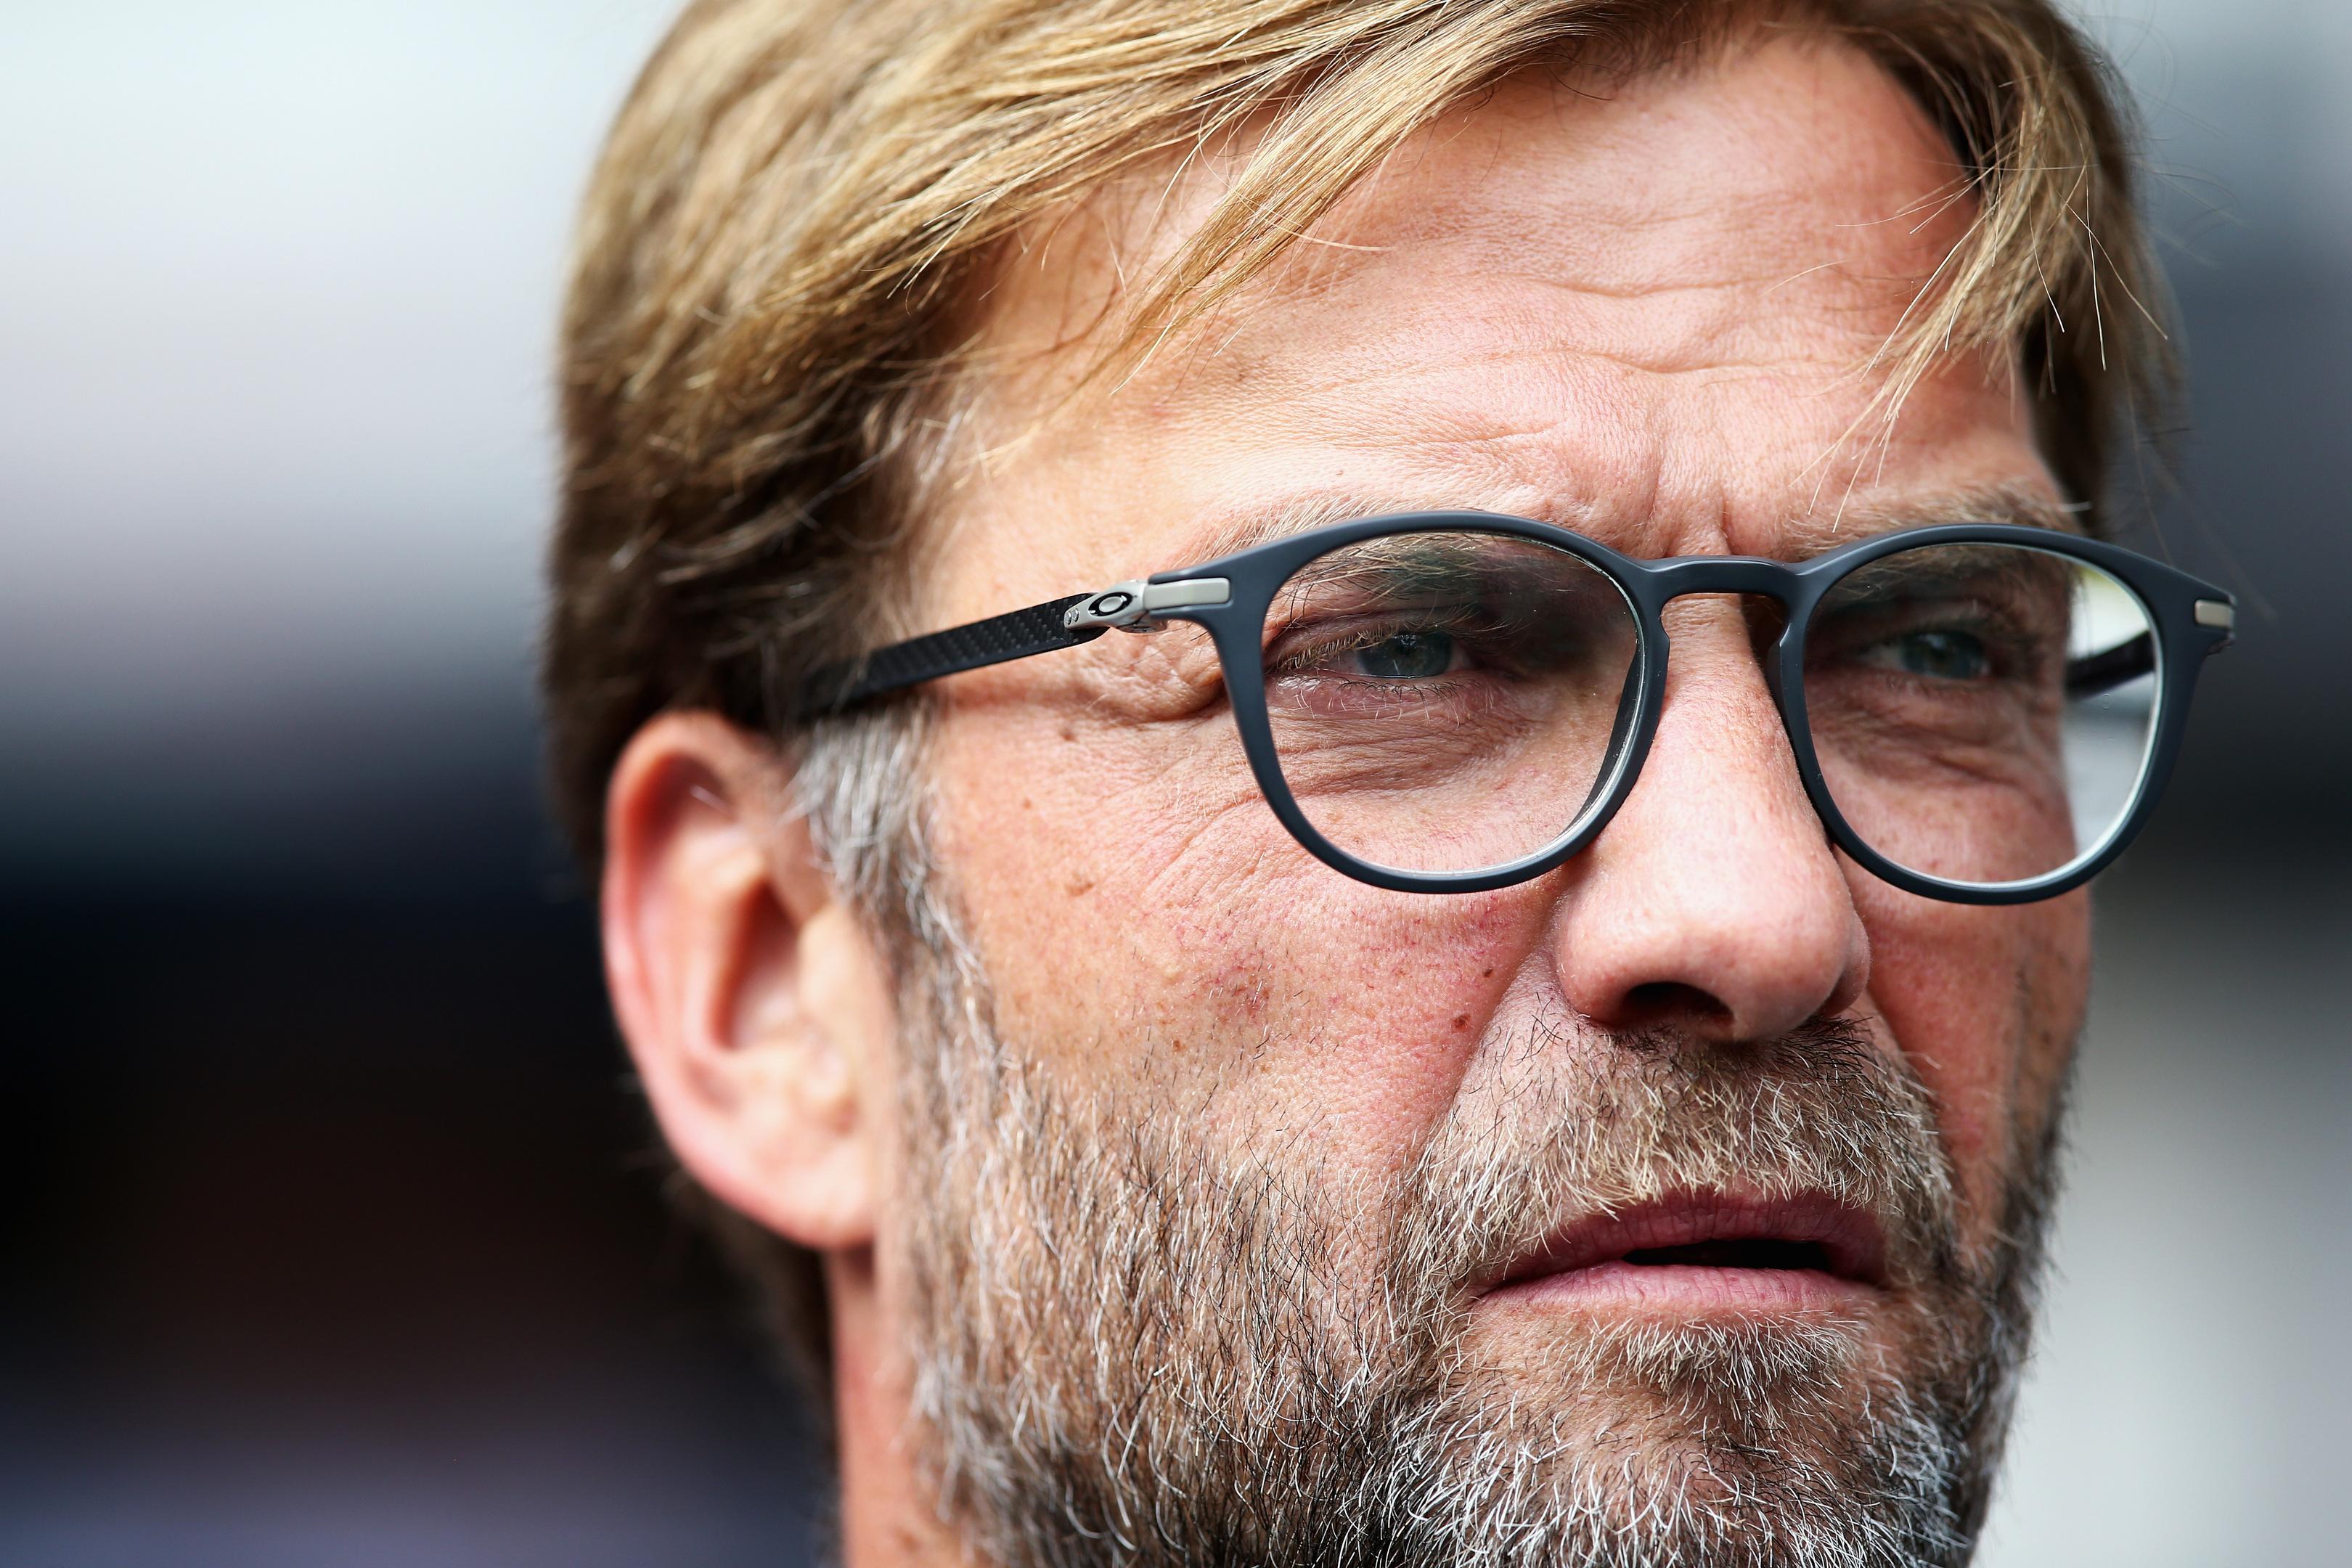 Liverpool manager Jurgen Klopp (Jan Kruger/Getty Images)